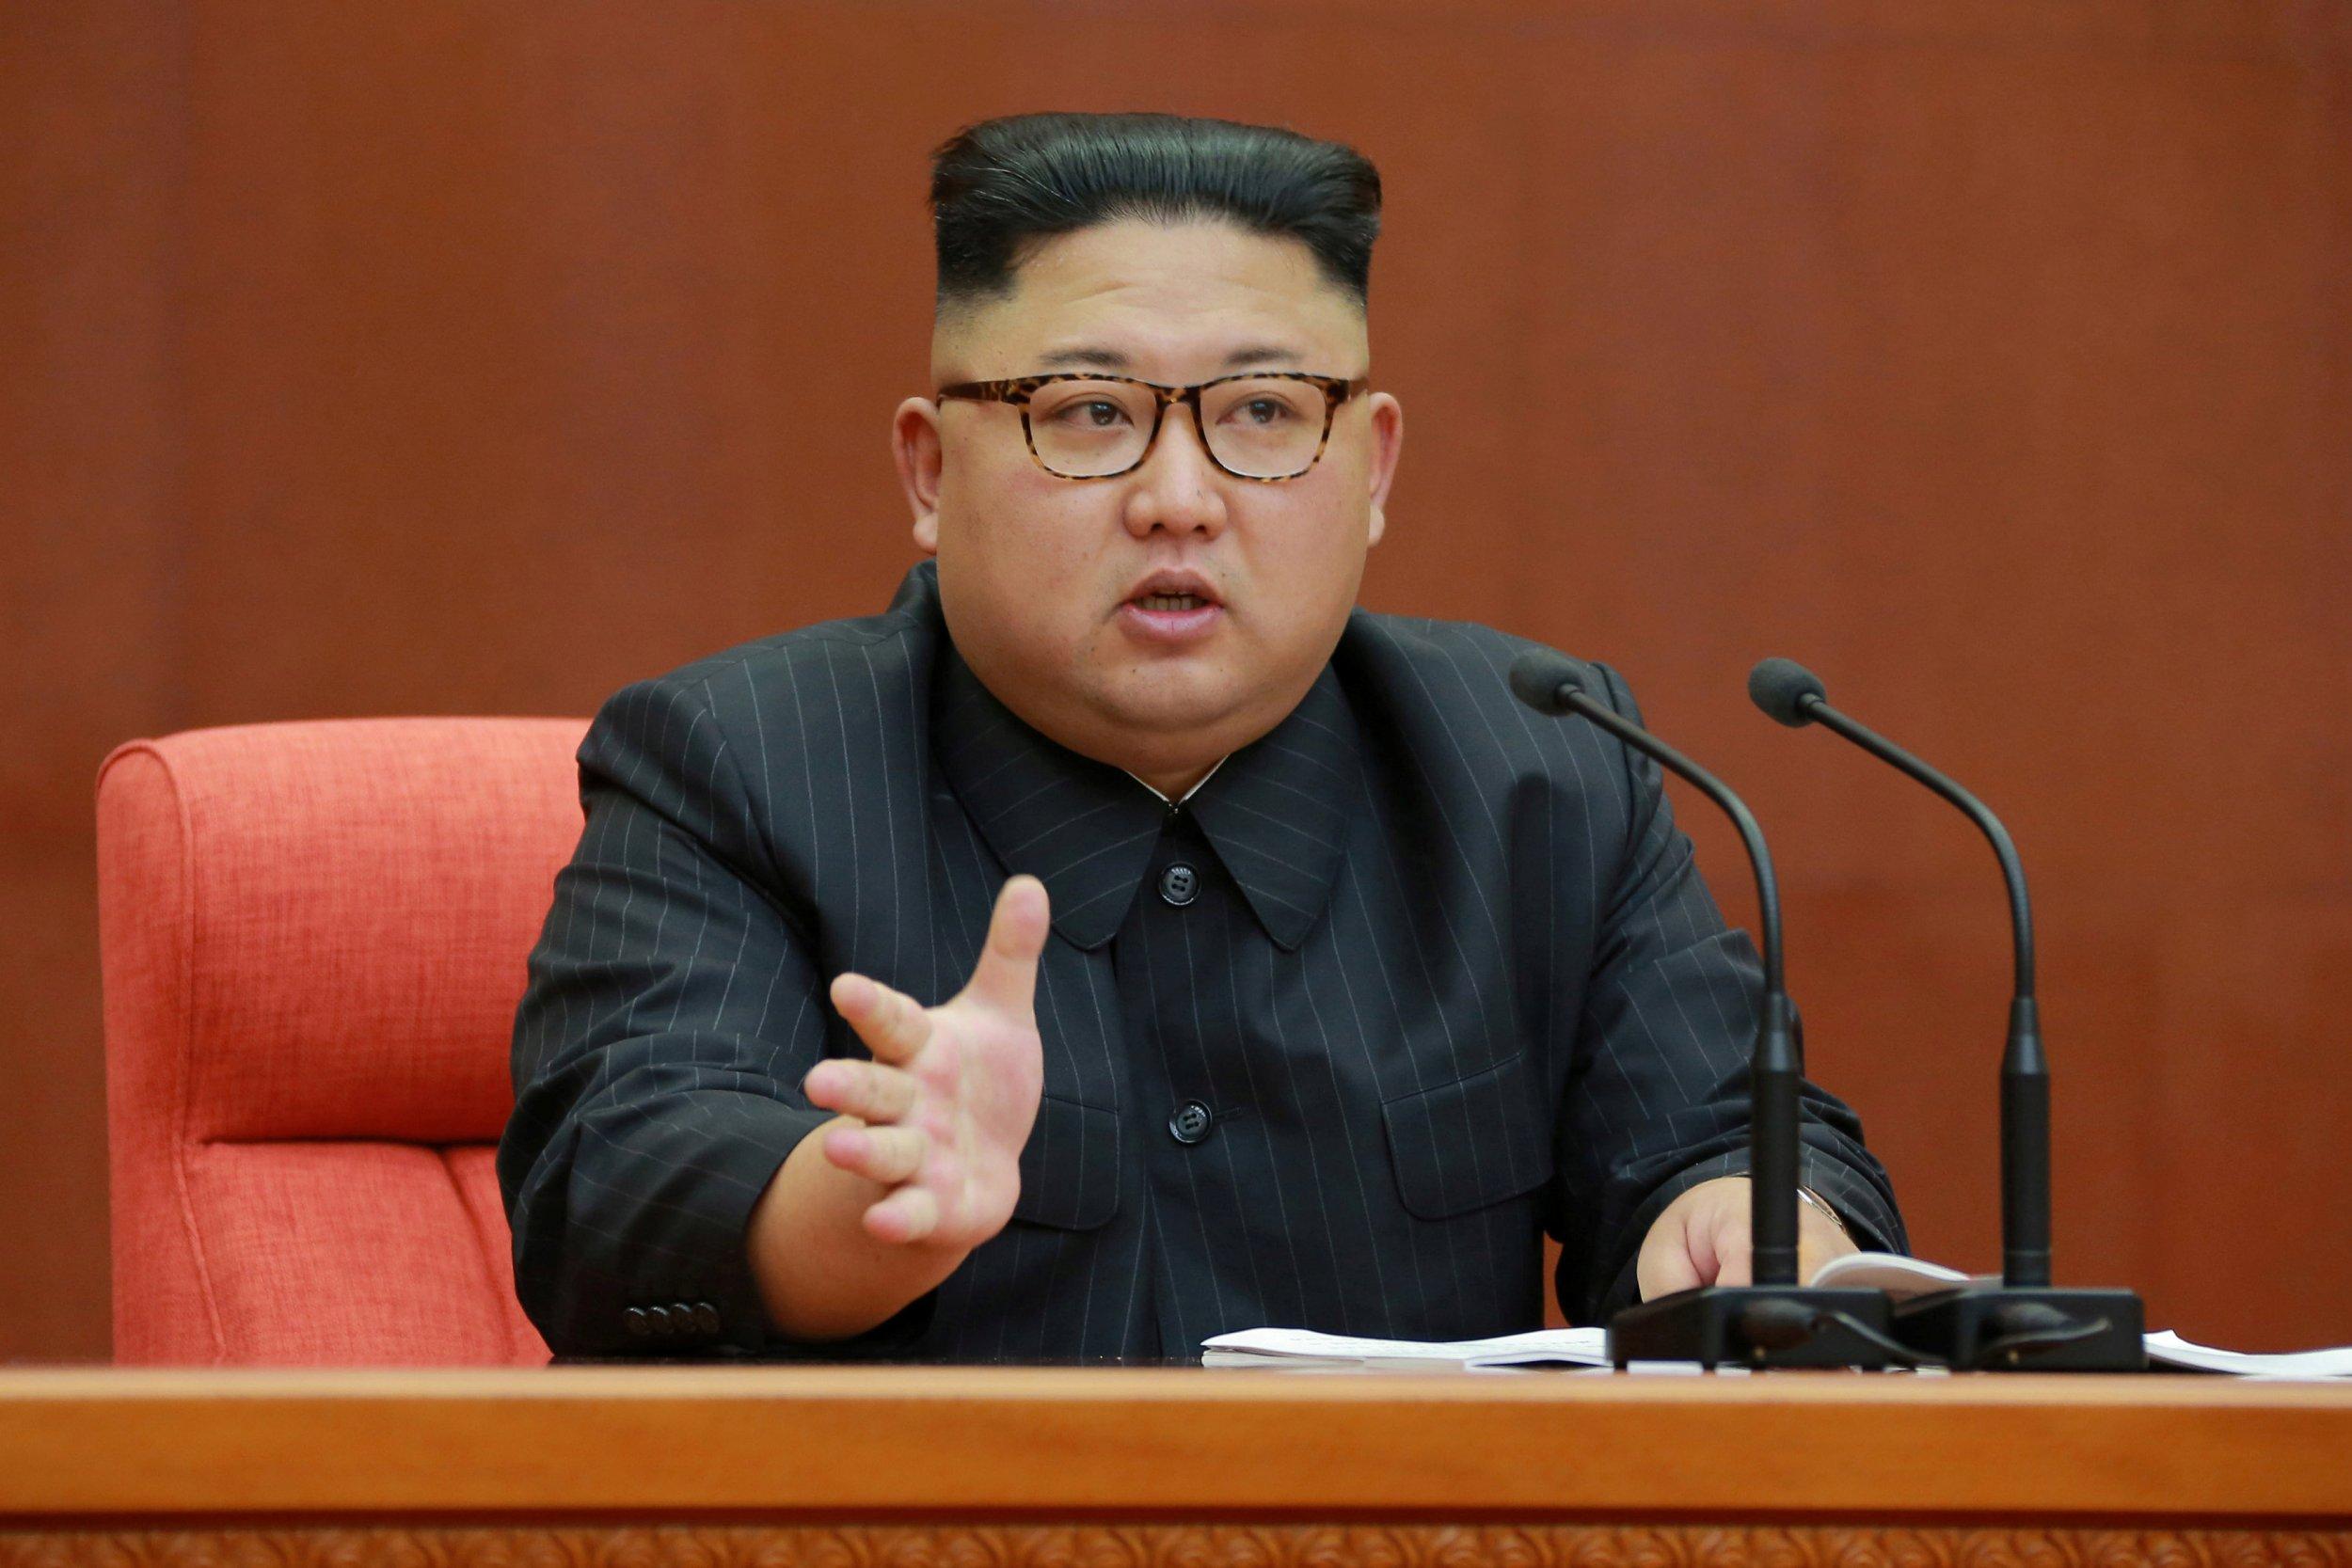 10_17_Kim Jong Un